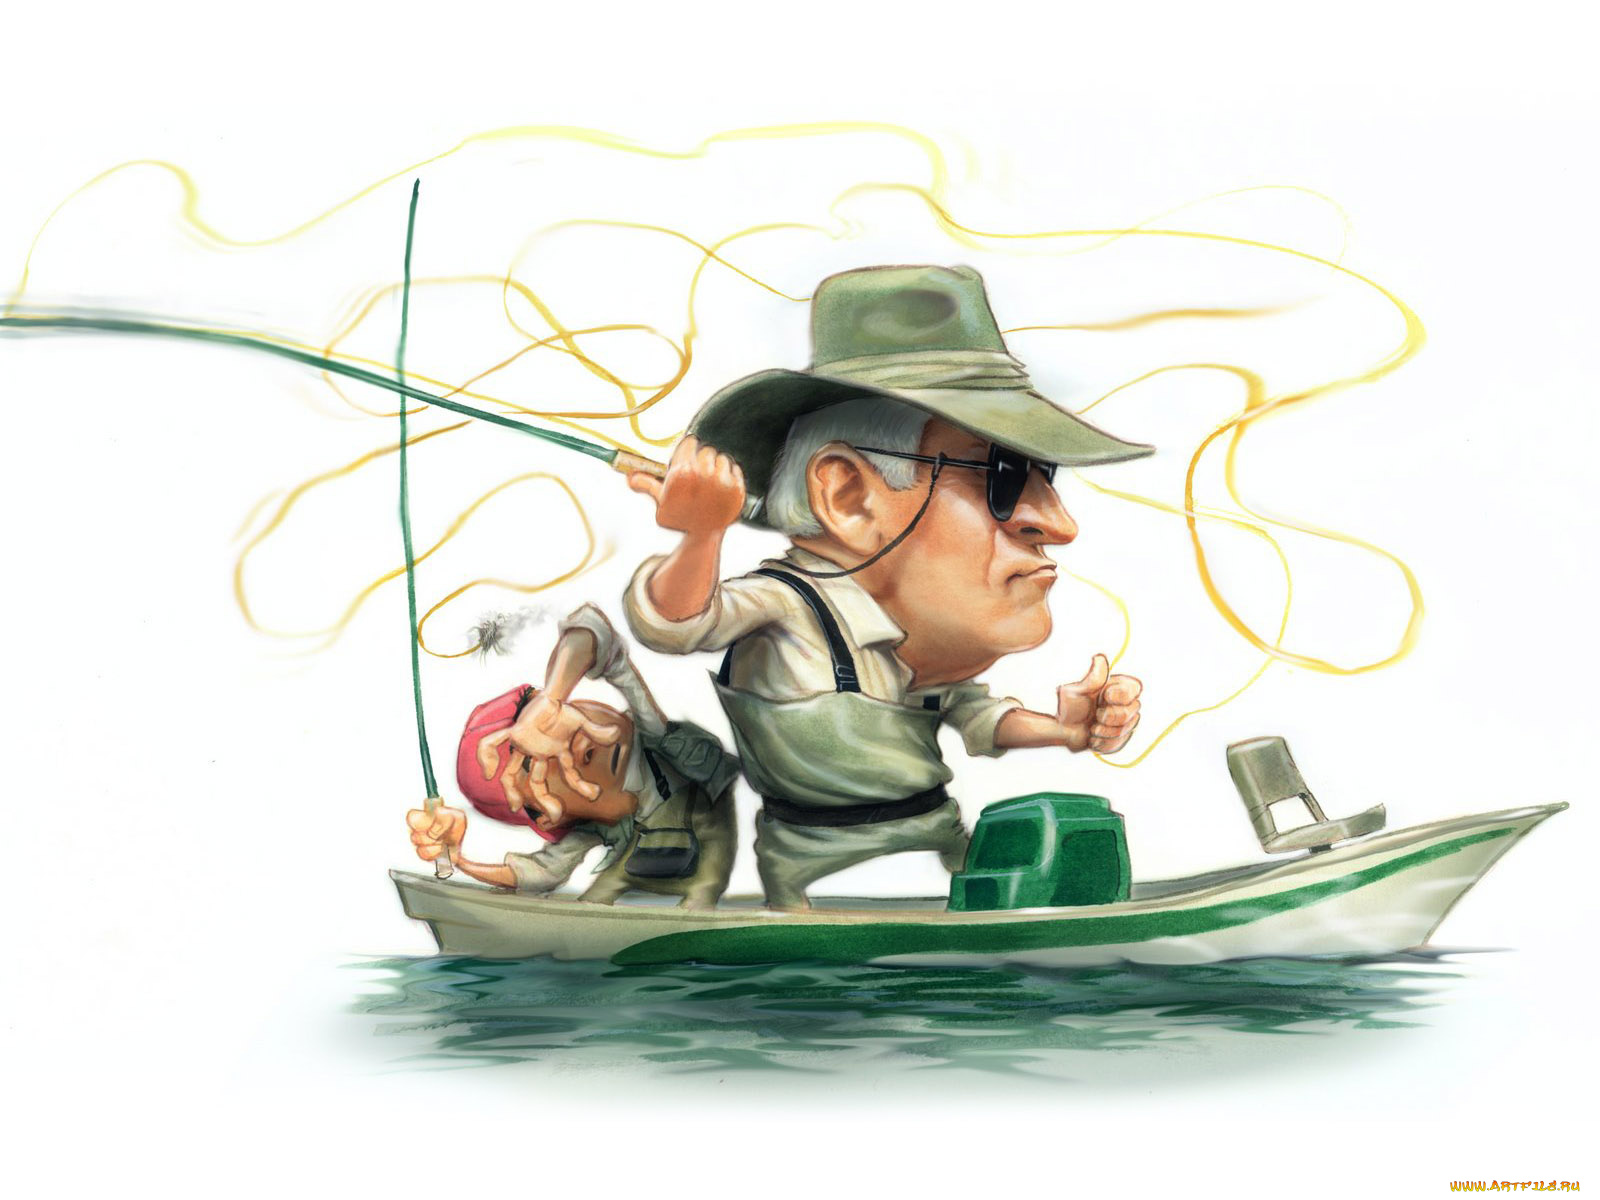 Картинки на рыбалке приколы рисованные